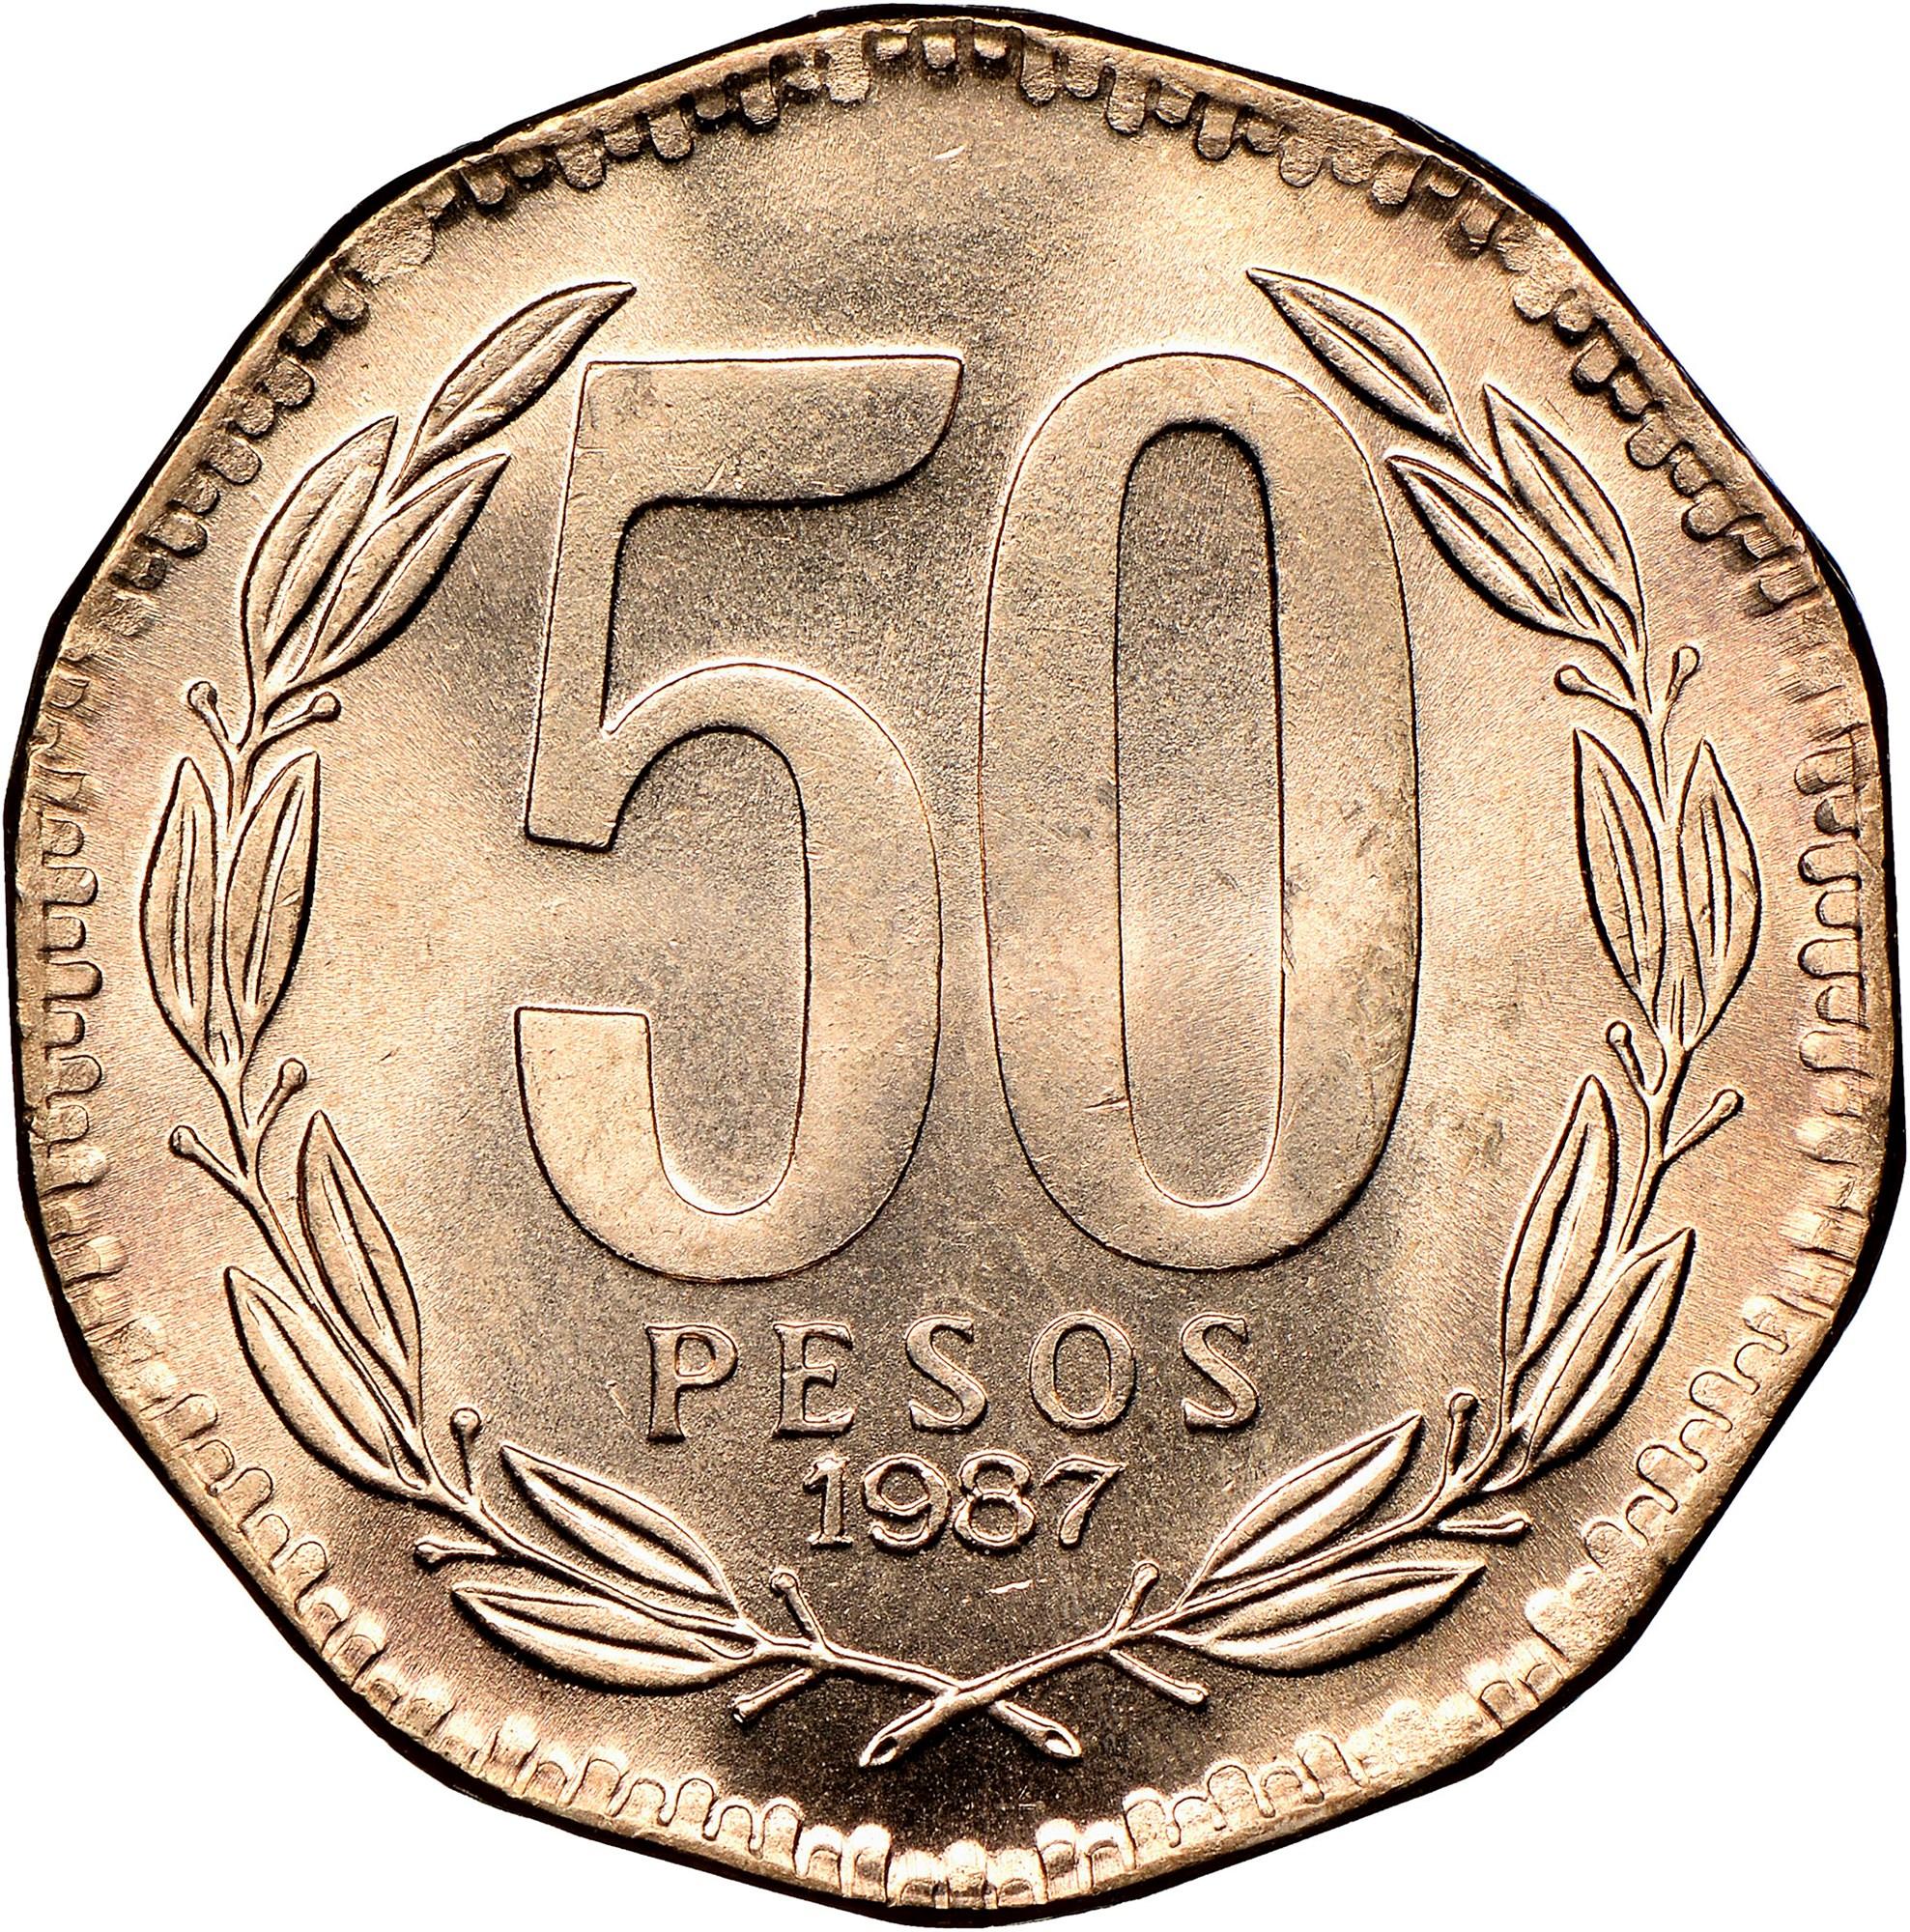 Chile 50 Pesos reverse